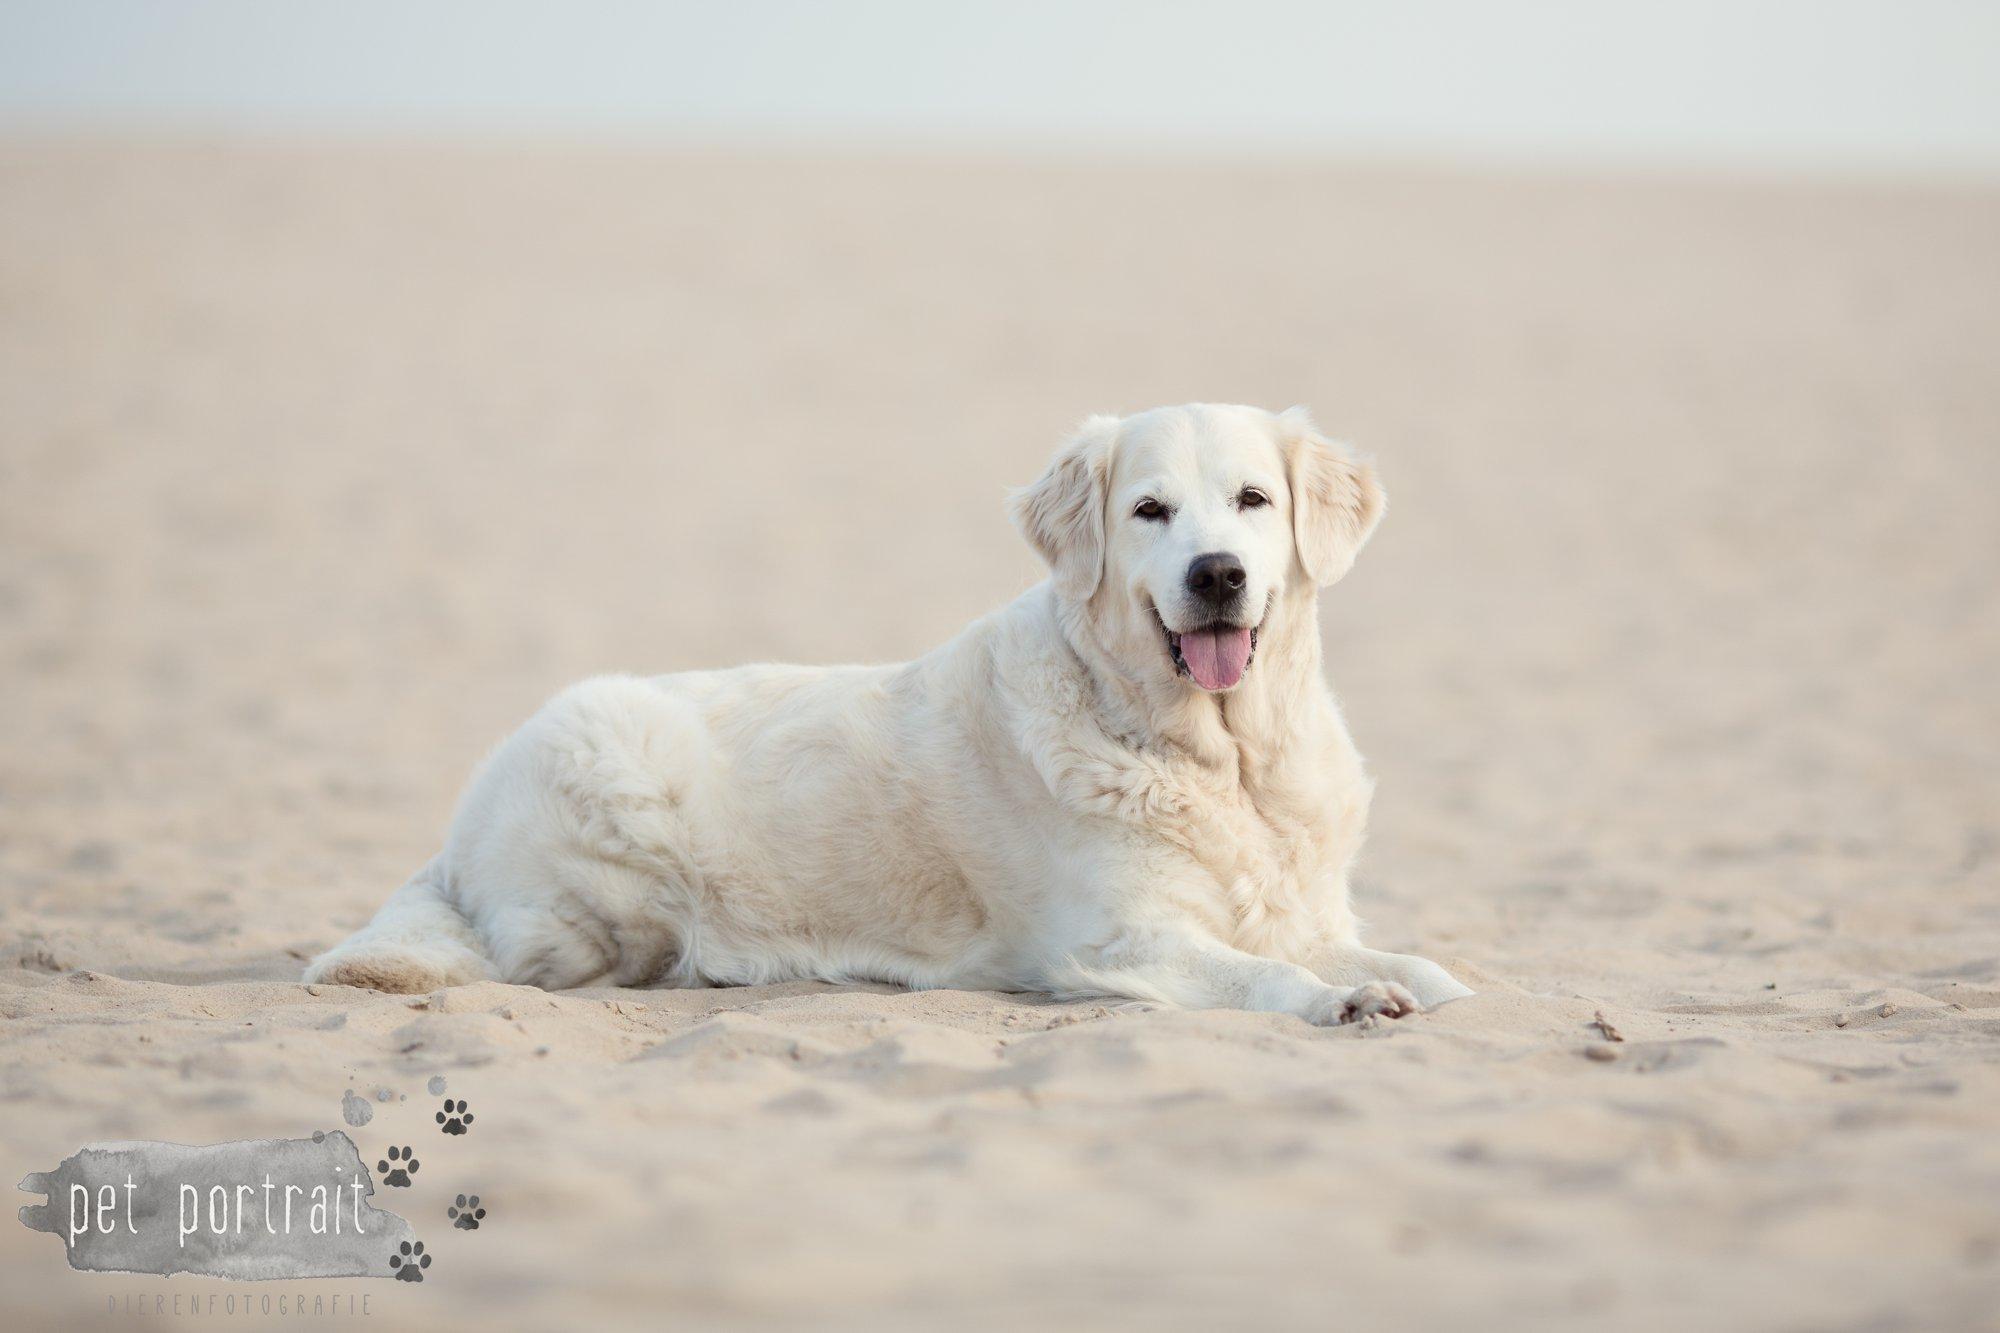 Hondenfotograaf Soest - Dier en Baasje fotoshoot in de Soesterduinen-9